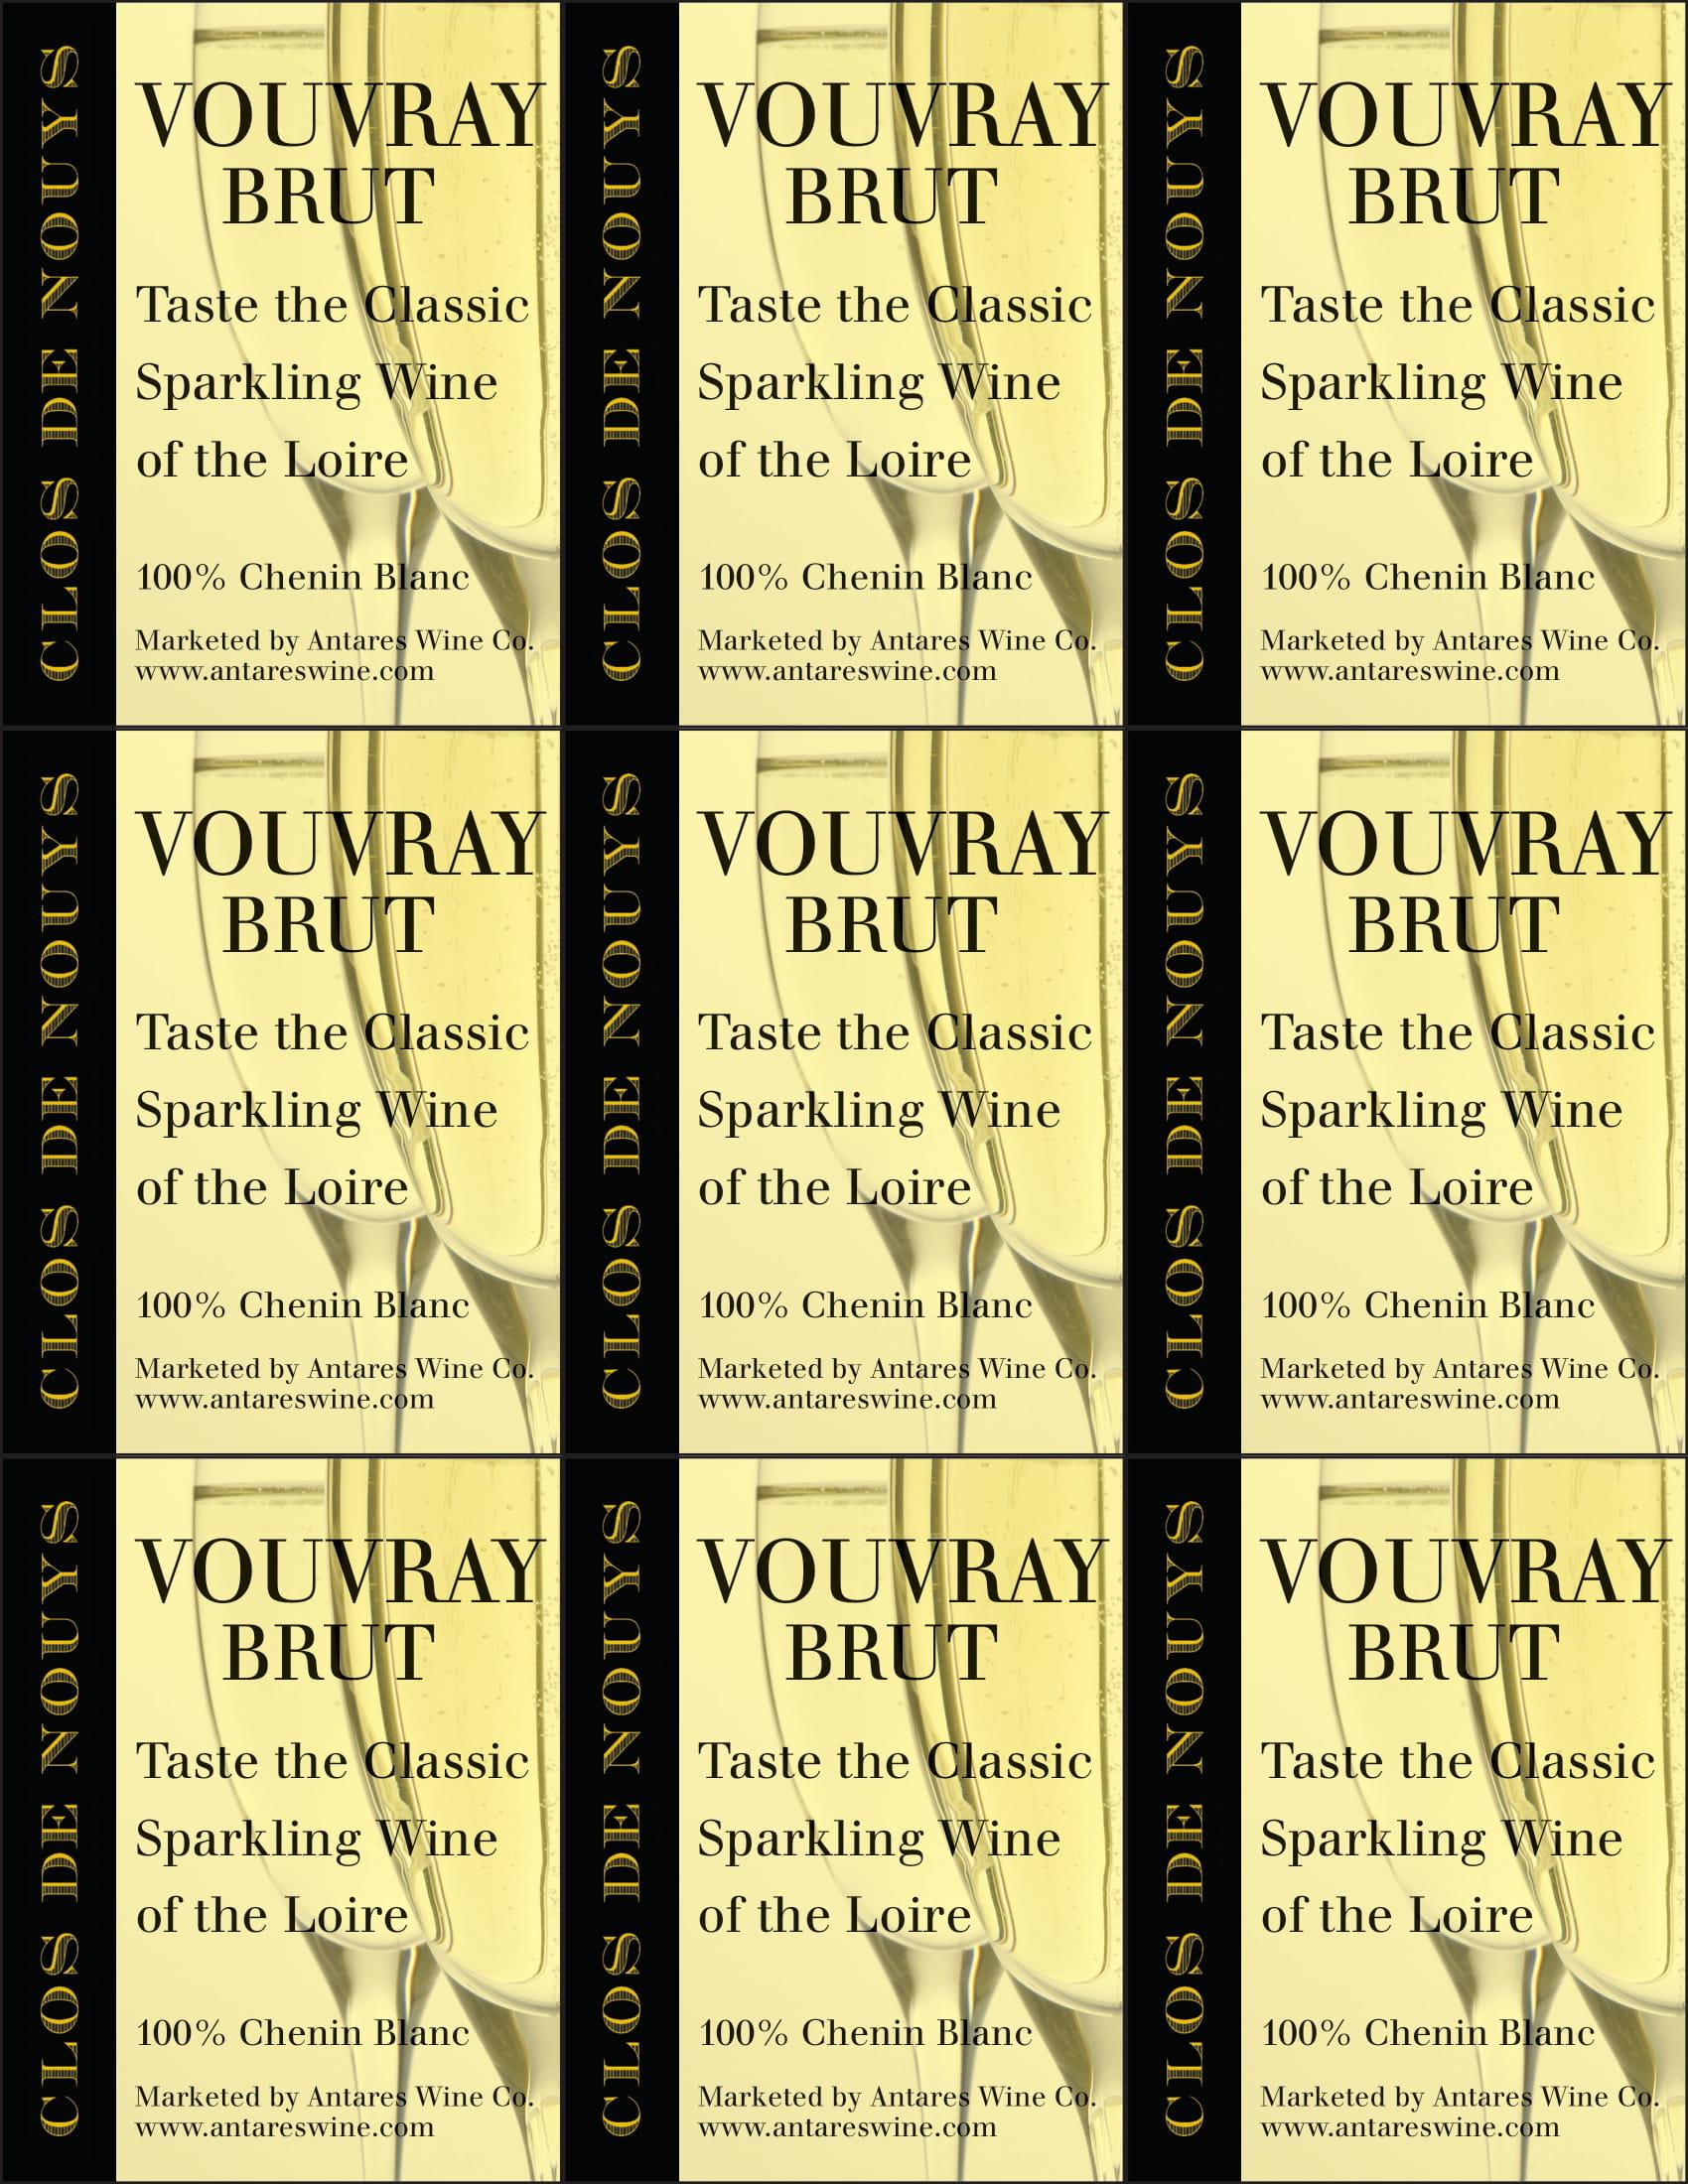 Clos de Nouys Vouvray Brut Shelf Talker